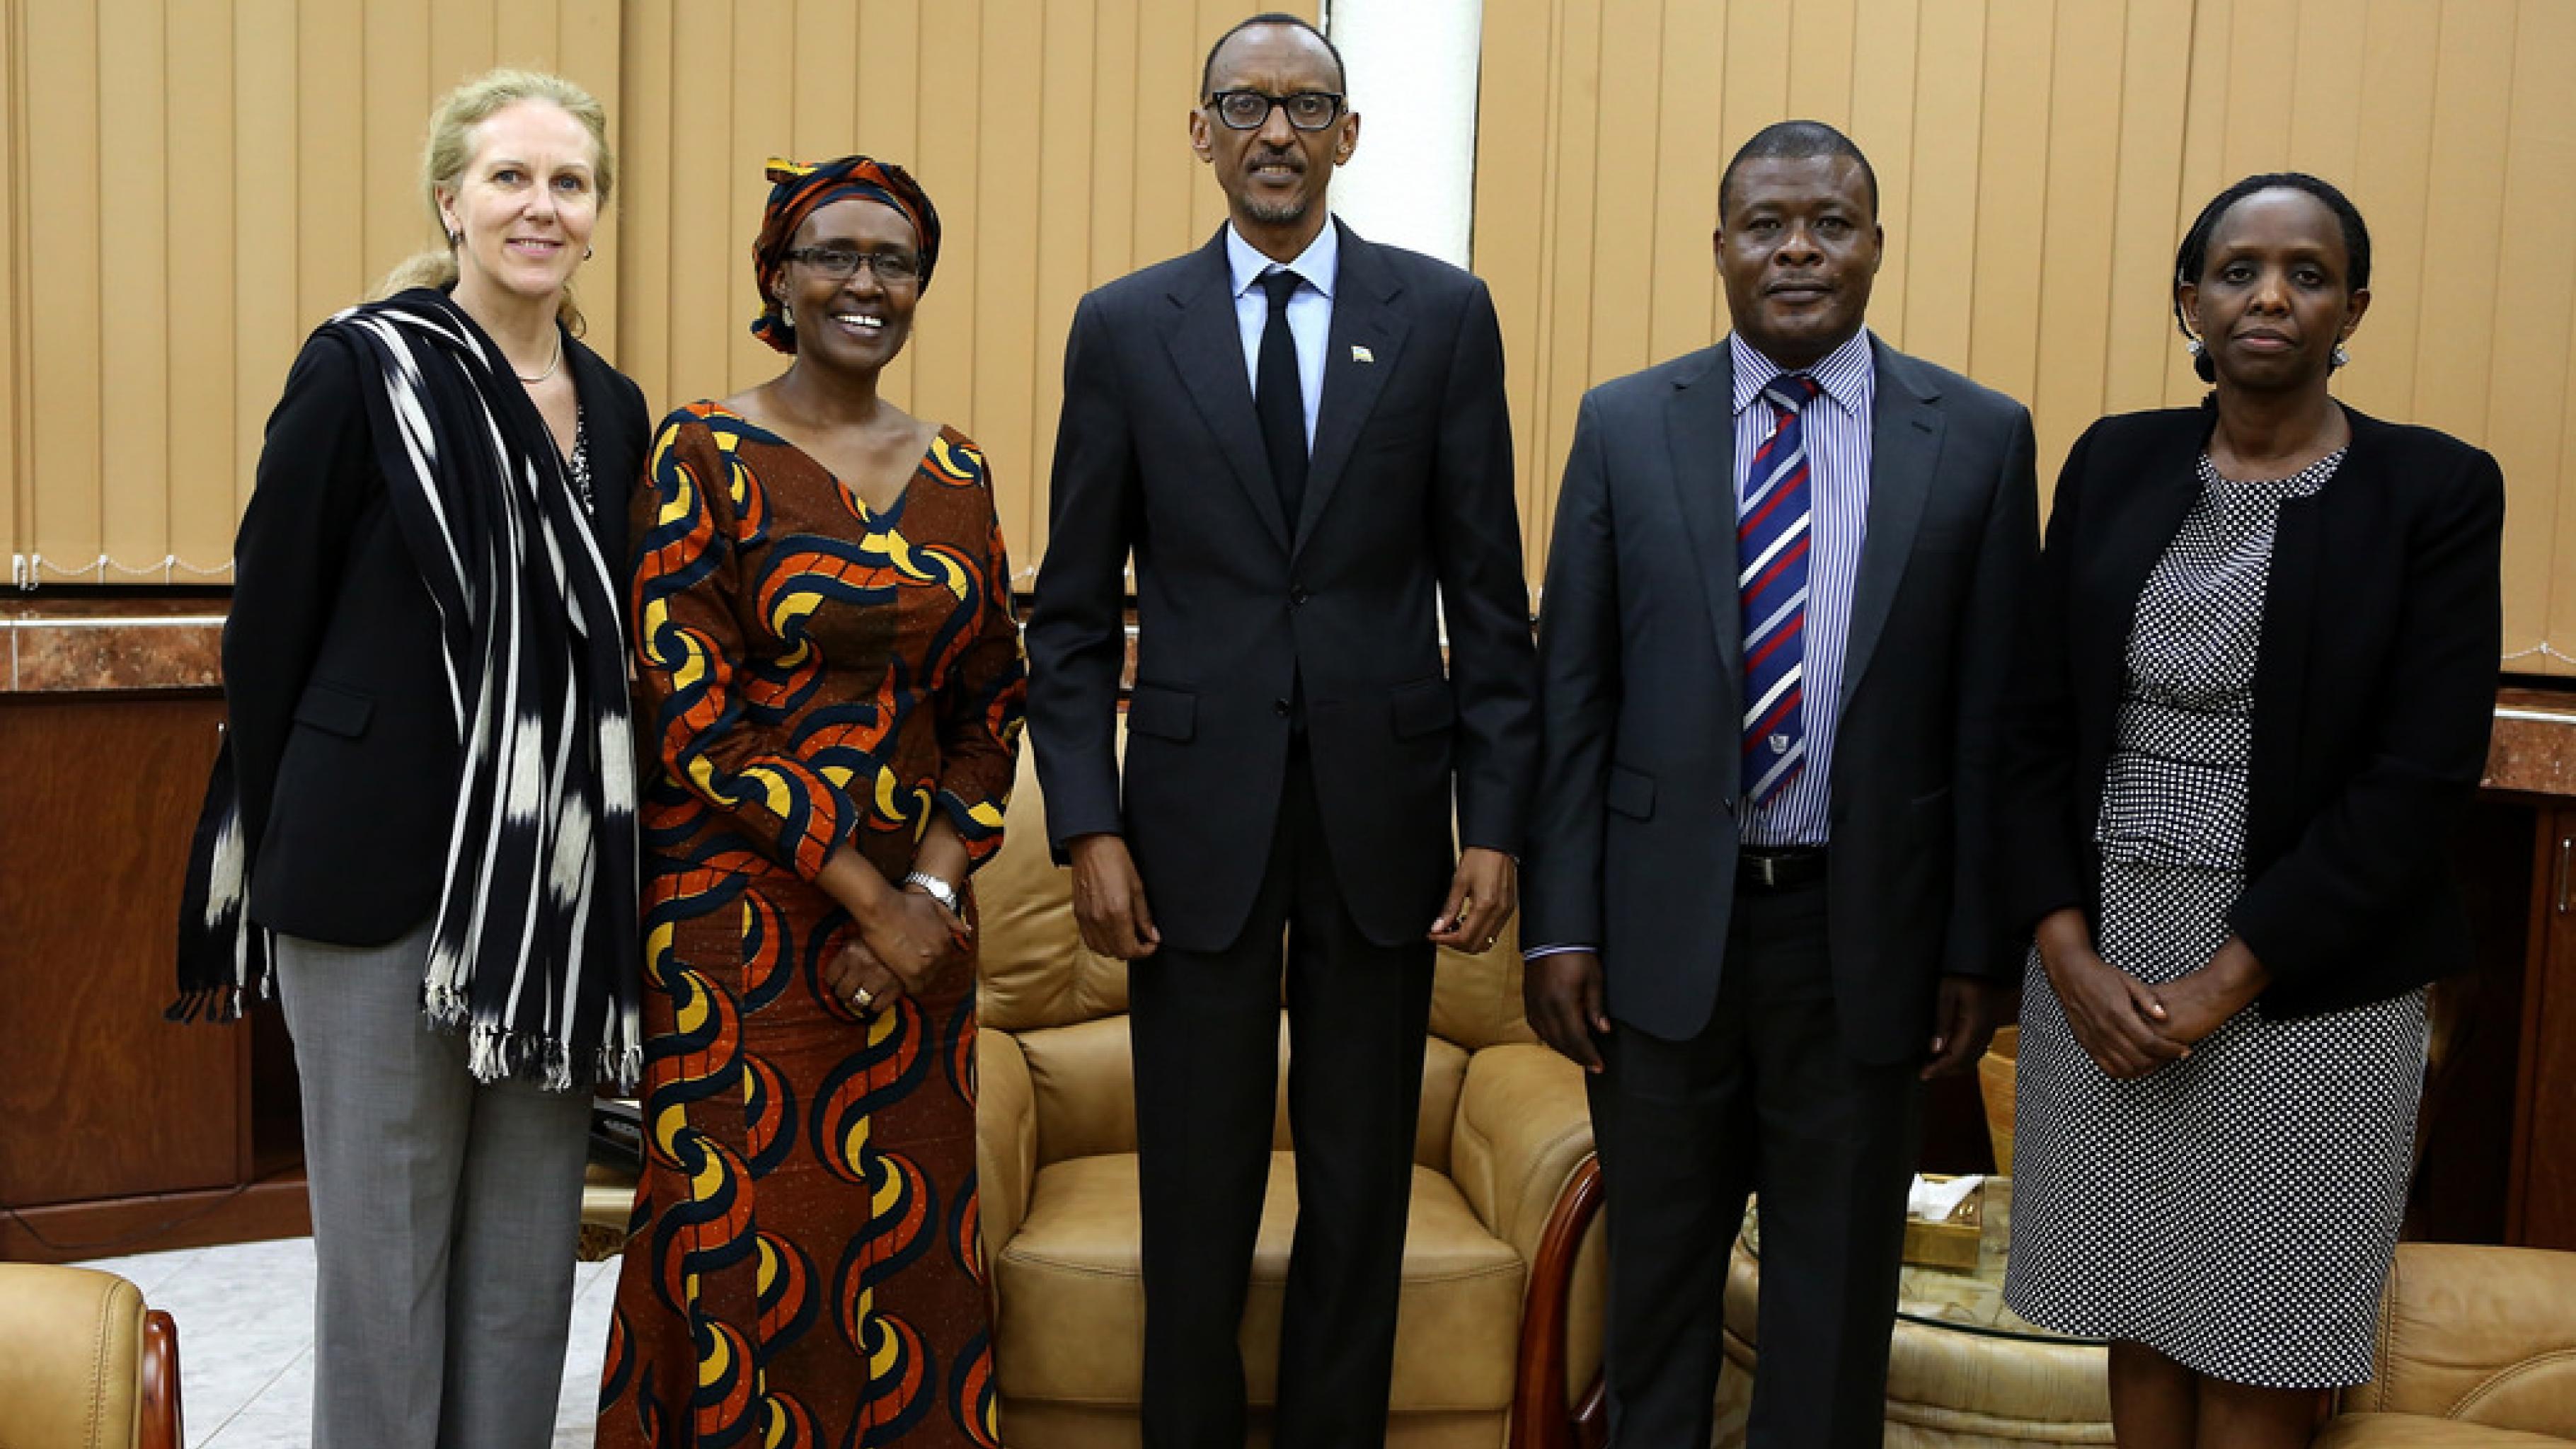 Der ruandische Präsident Paul Kagame im Austausch mit Oxfam